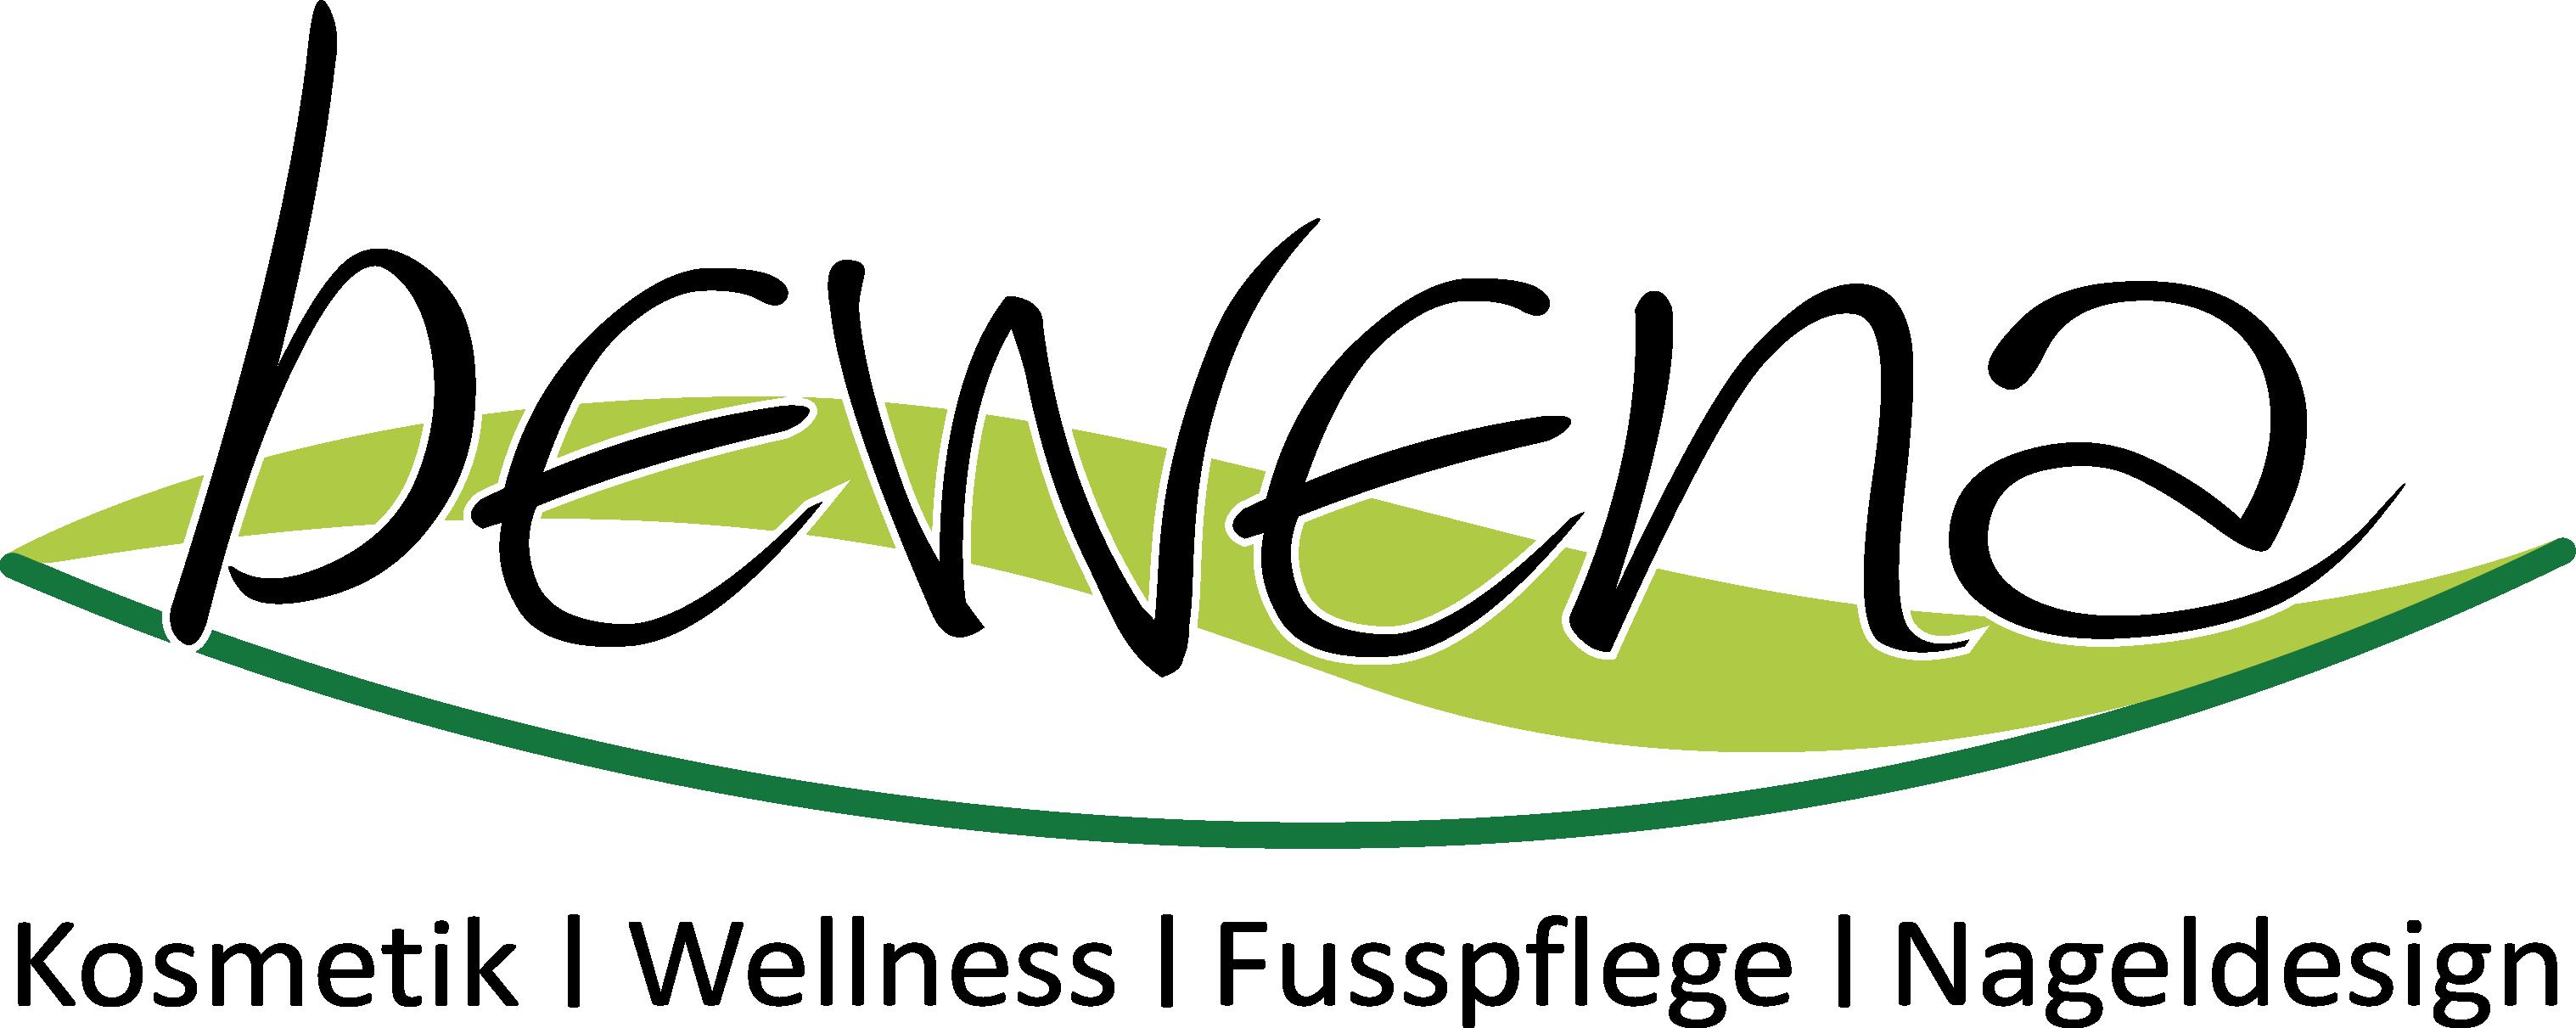 Bewena